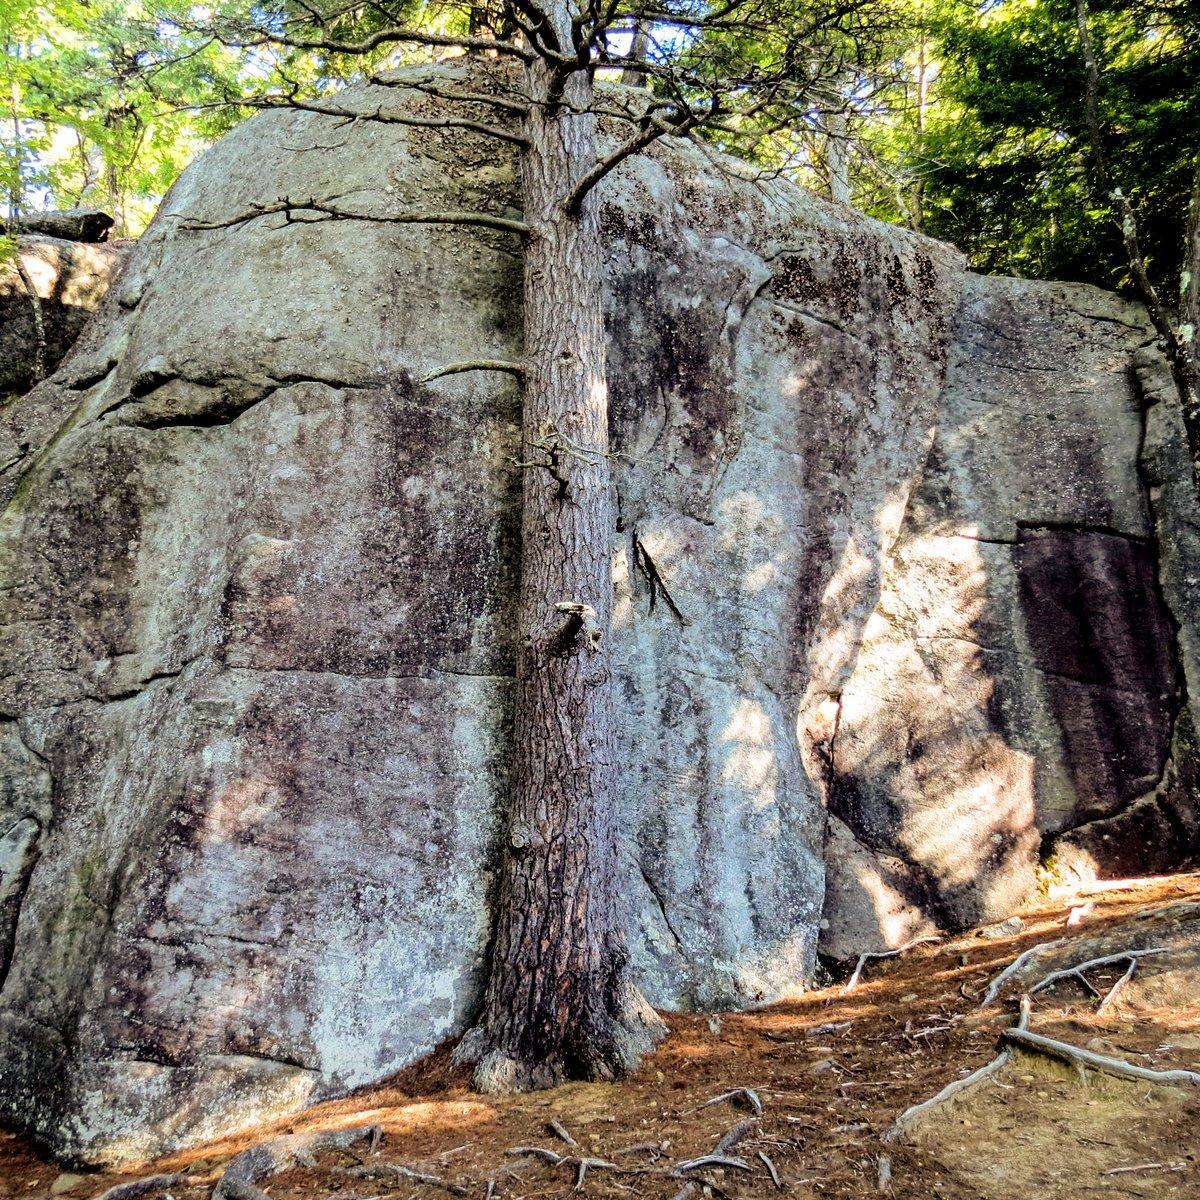 17. Rock Outcrop